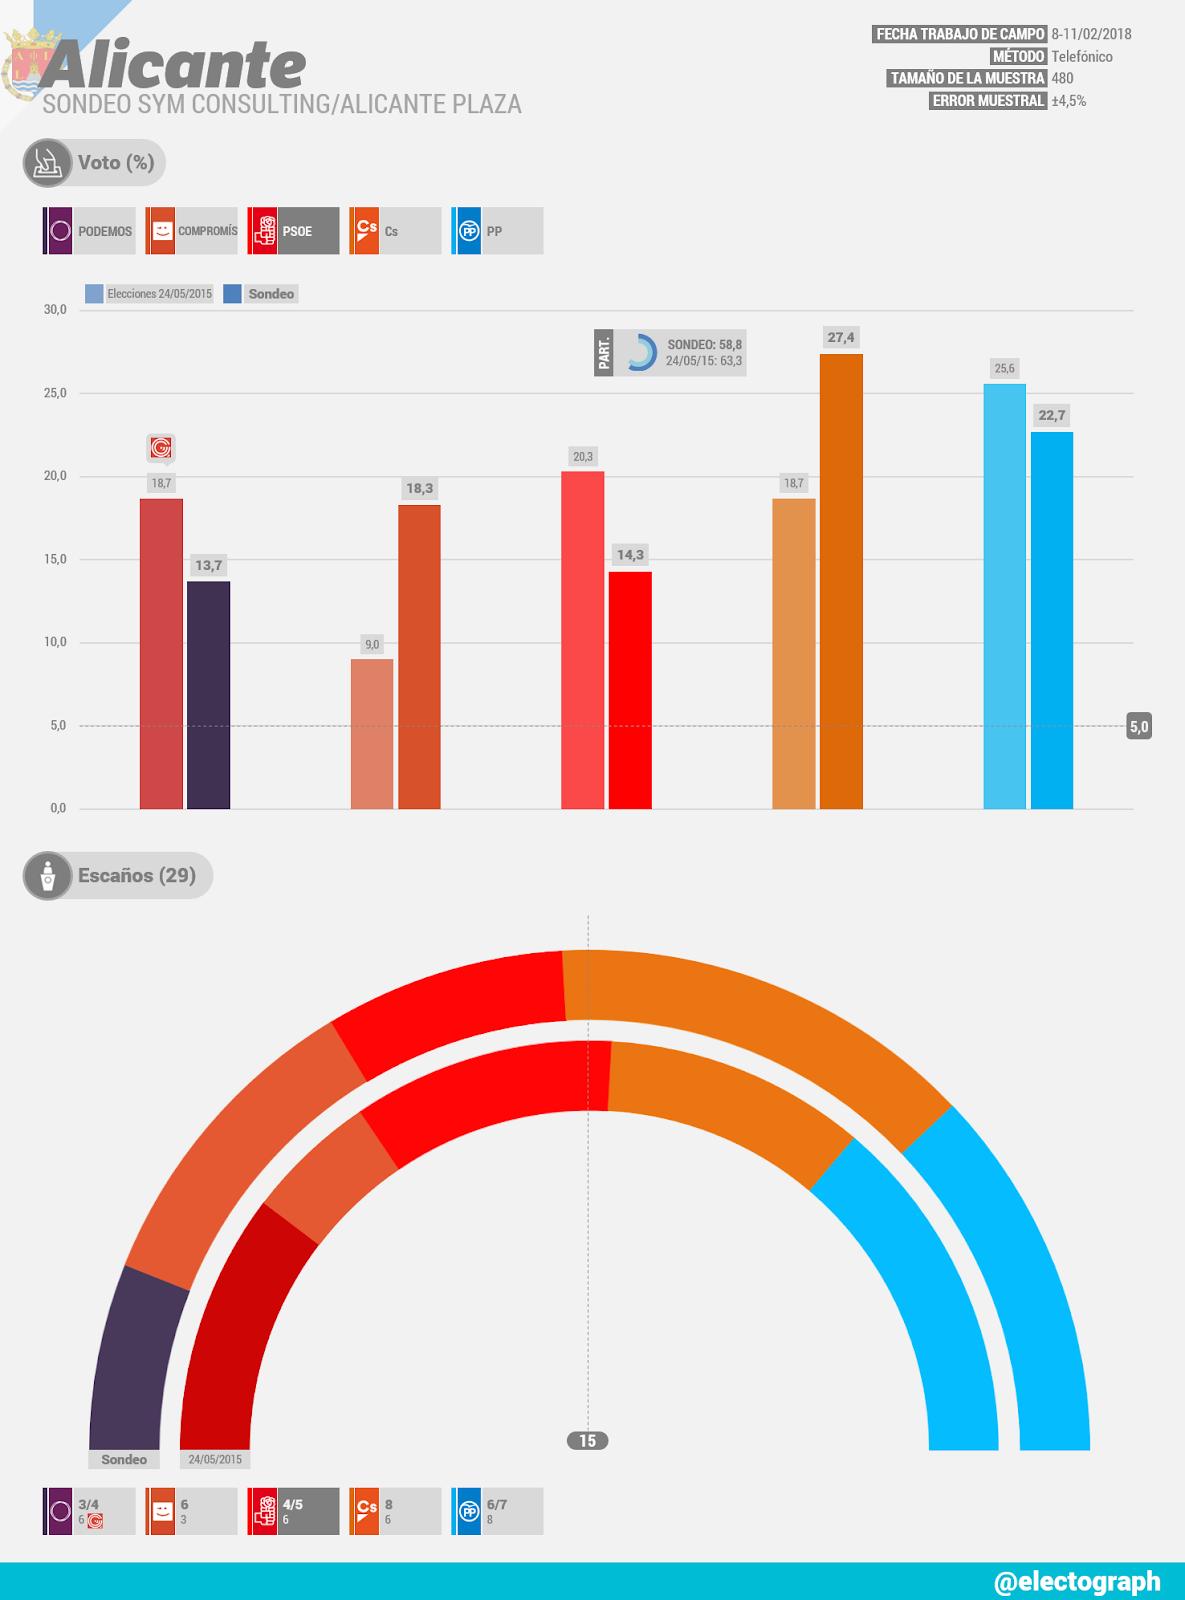 Gráfico de la encuesta para elecciones municipales en Alicante realizada por SyM Consulting para Alicante Plaza en febrero de 2018